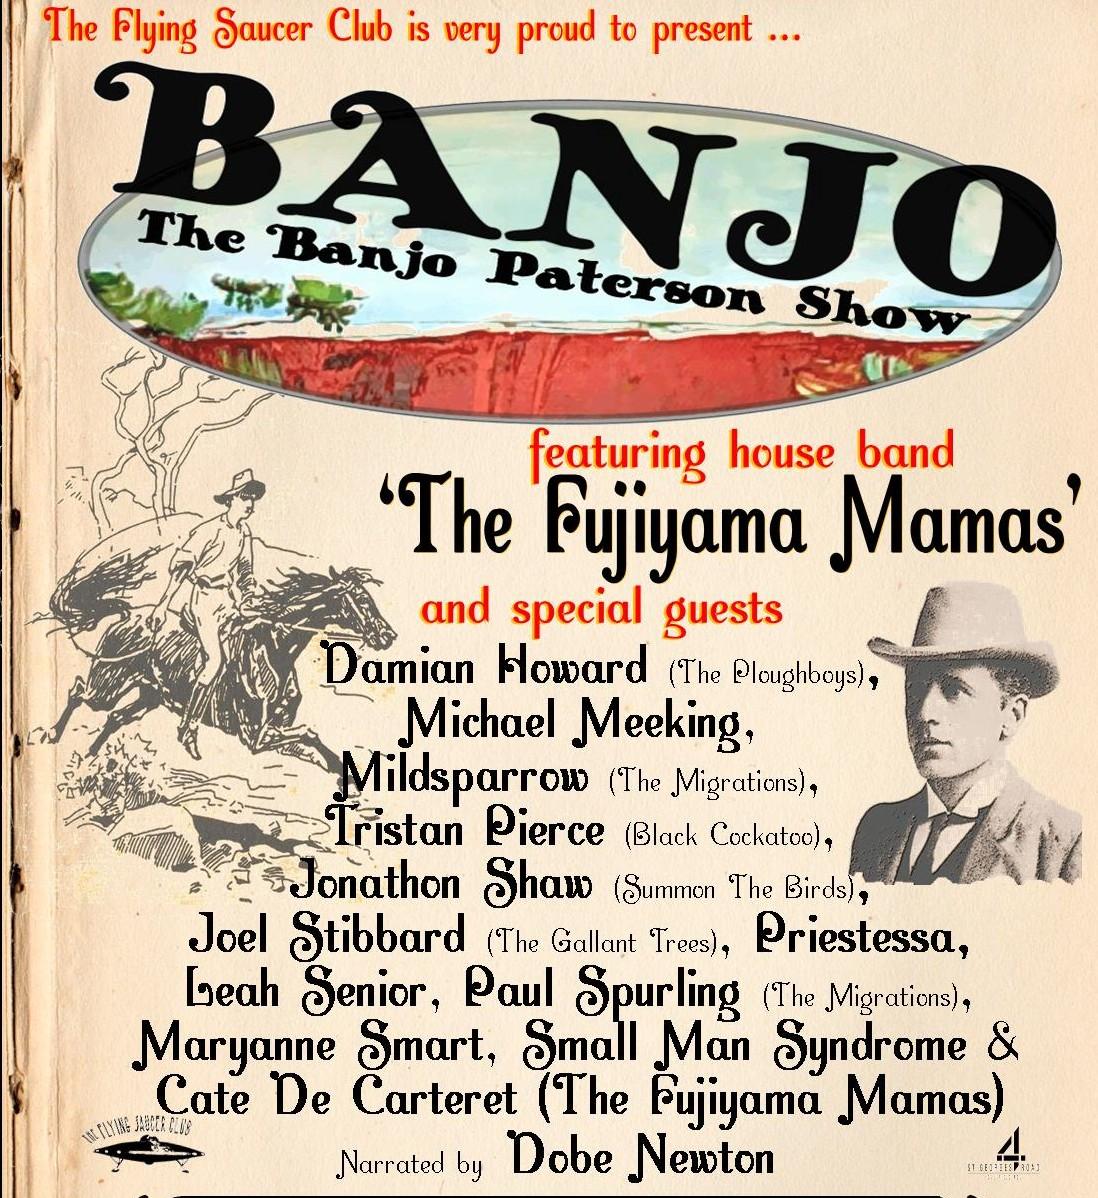 The-Banjo-Paterson-Show